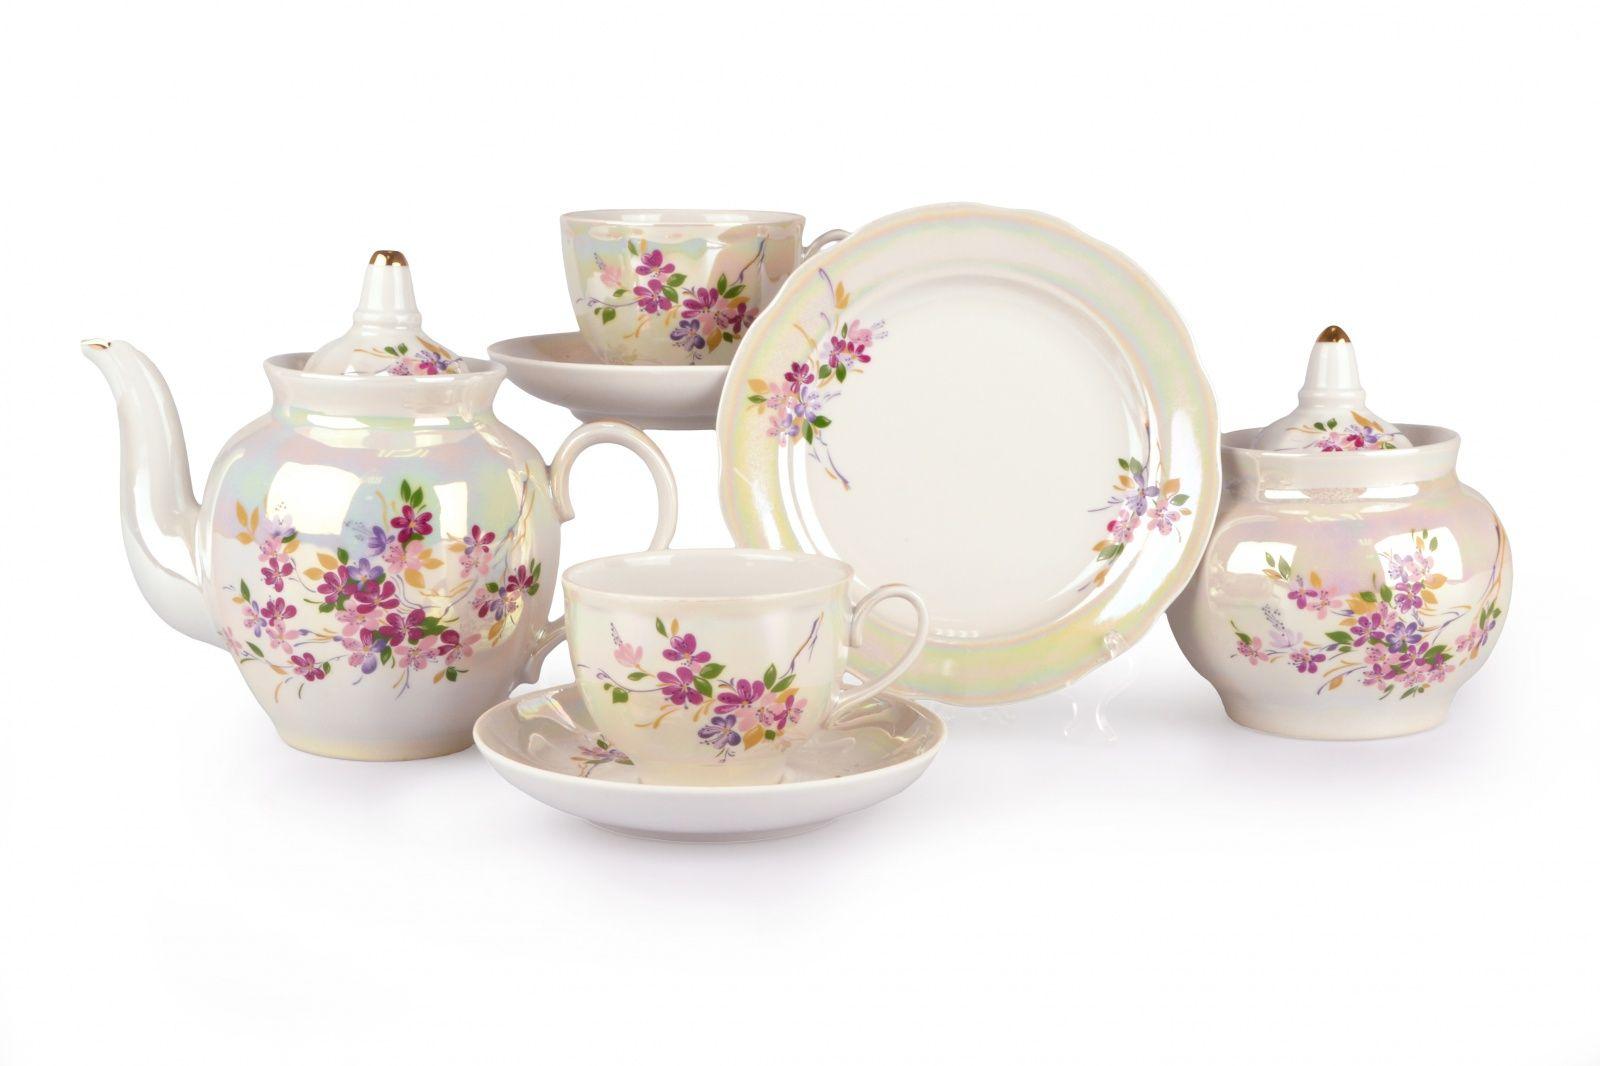 Dulevo porcelain / Tea set 20 pcs Pomegranate Ledum